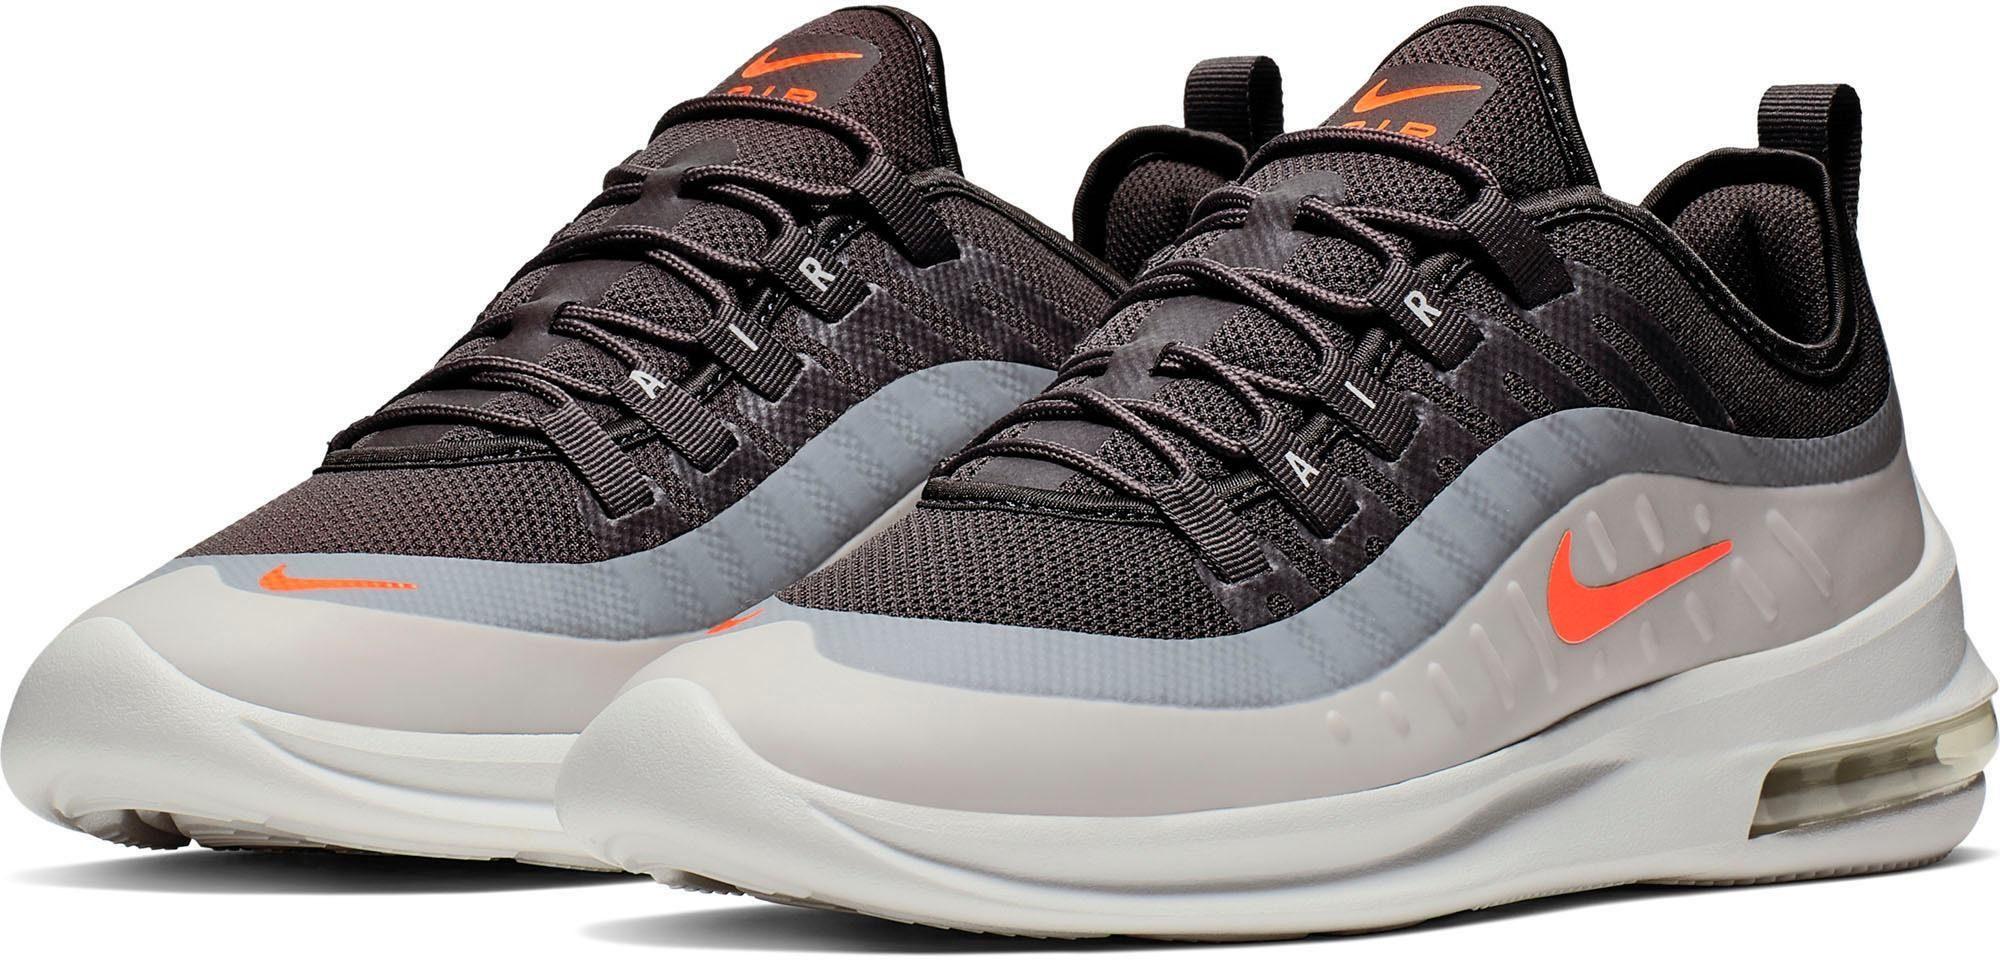 Nike Sportswear »Air Max Axis« Sneaker, Zuglasche für einen einfachen Einstieg online kaufen | OTTO